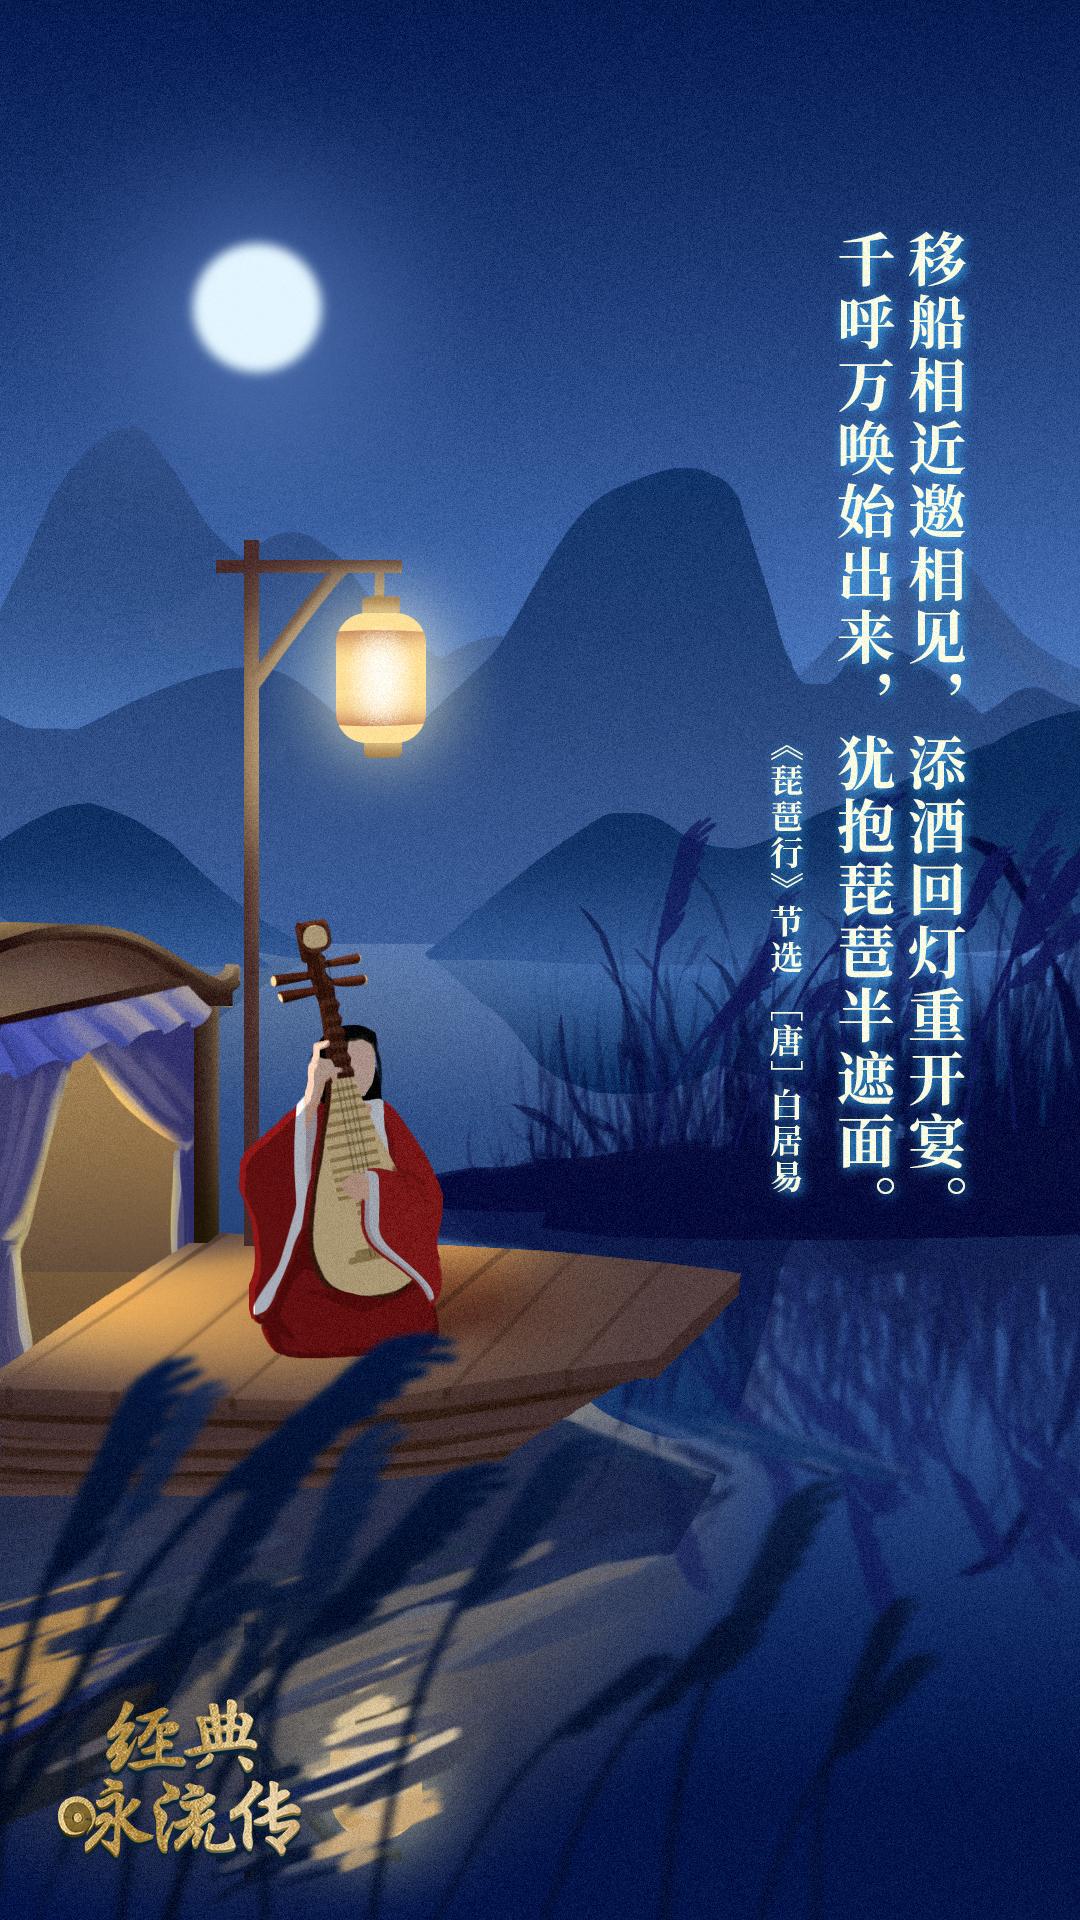 《经典咏流传》诗词意境海报合集 欣赏-第36张